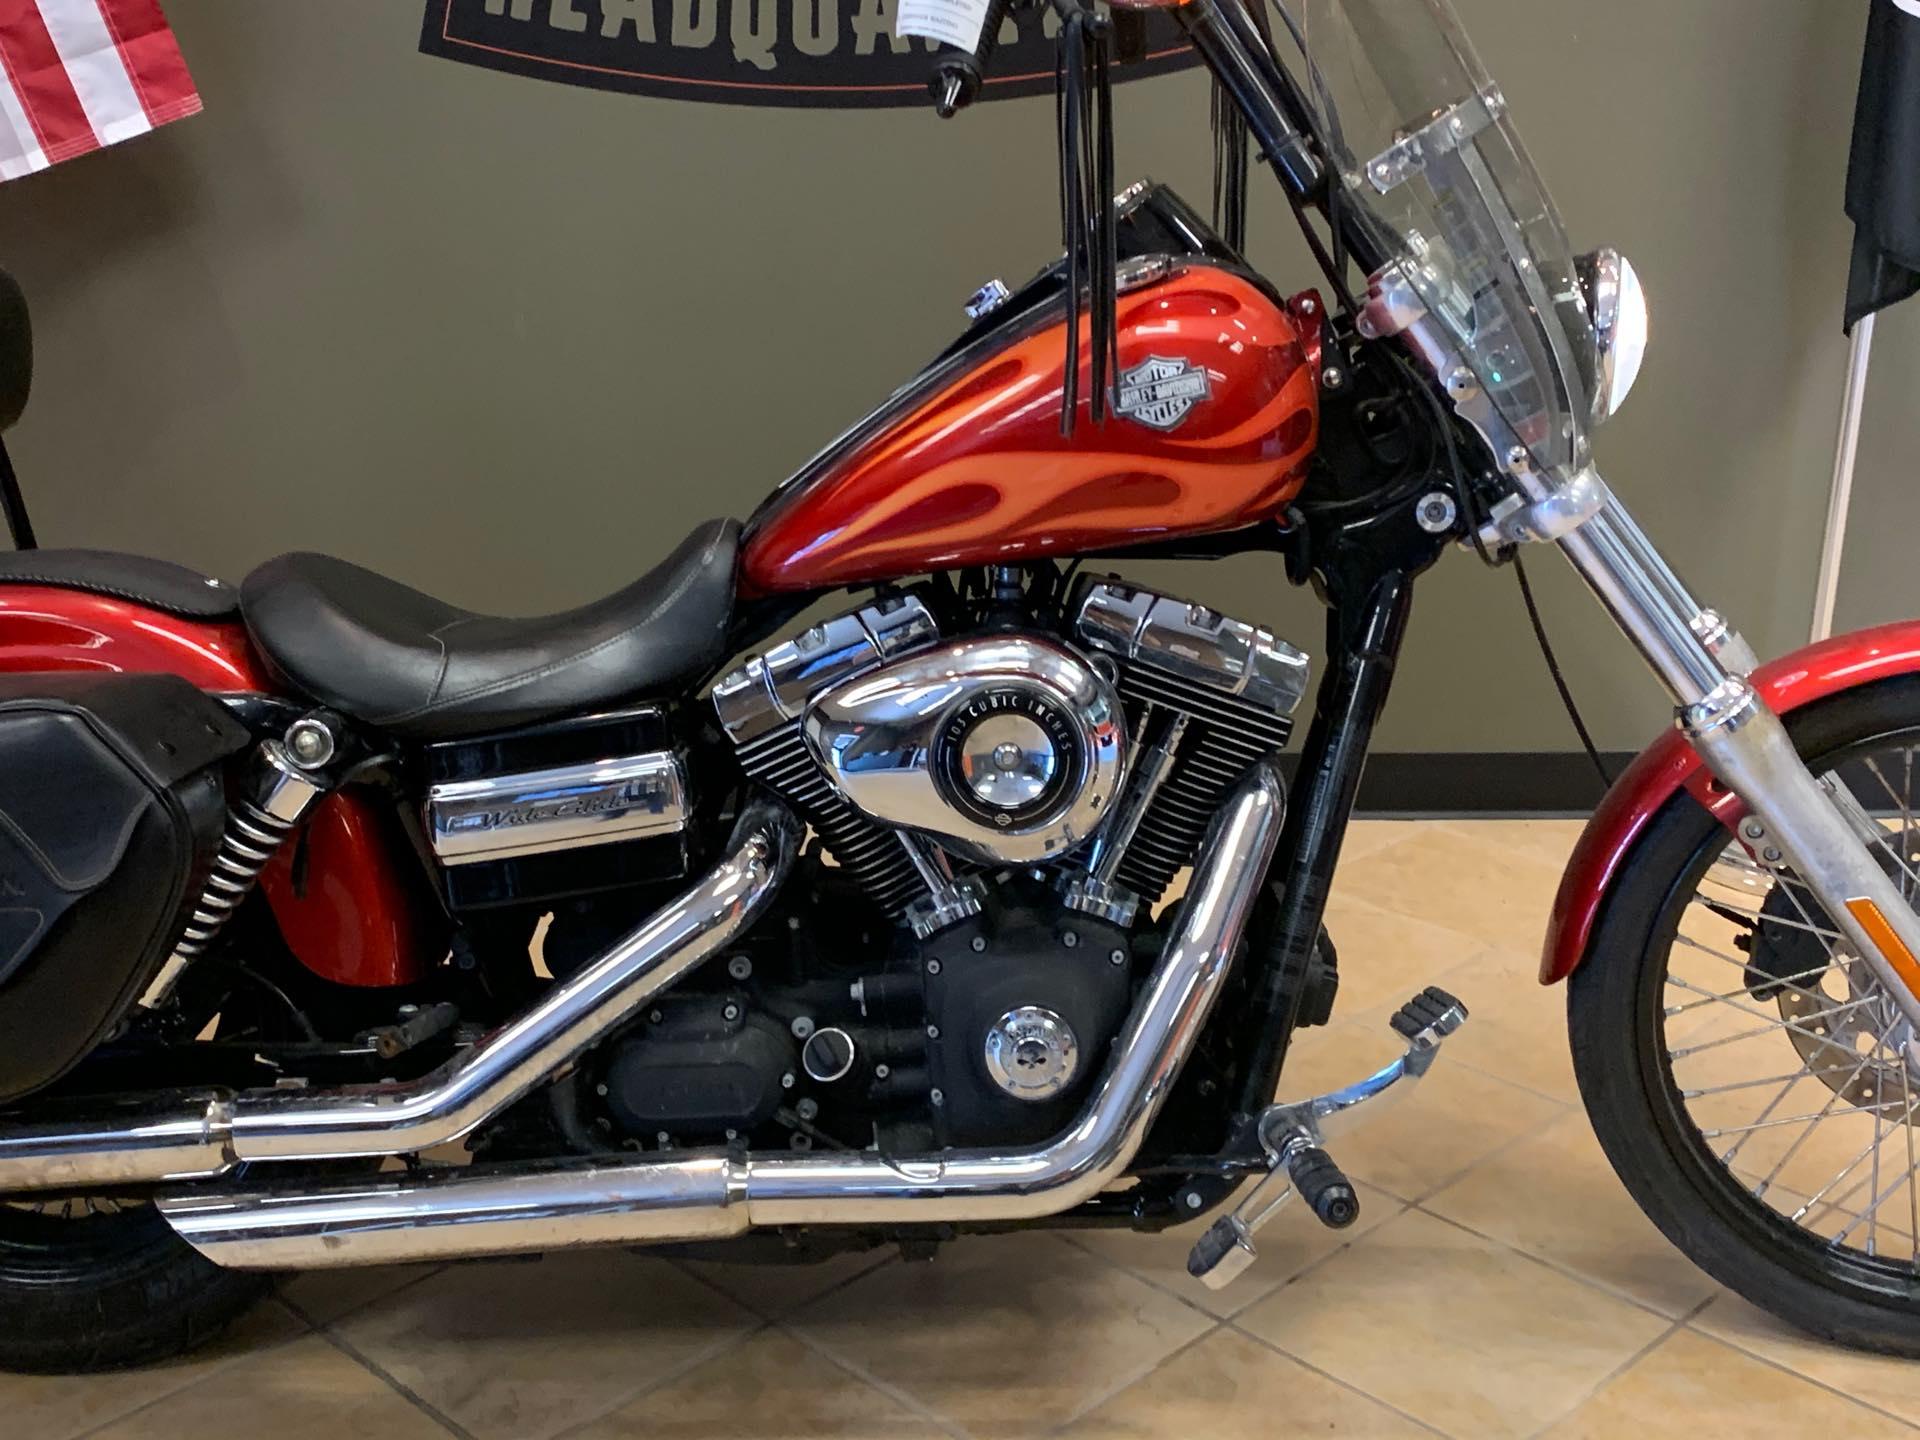 2013 Harley-Davidson Dyna Wide Glide at Loess Hills Harley-Davidson